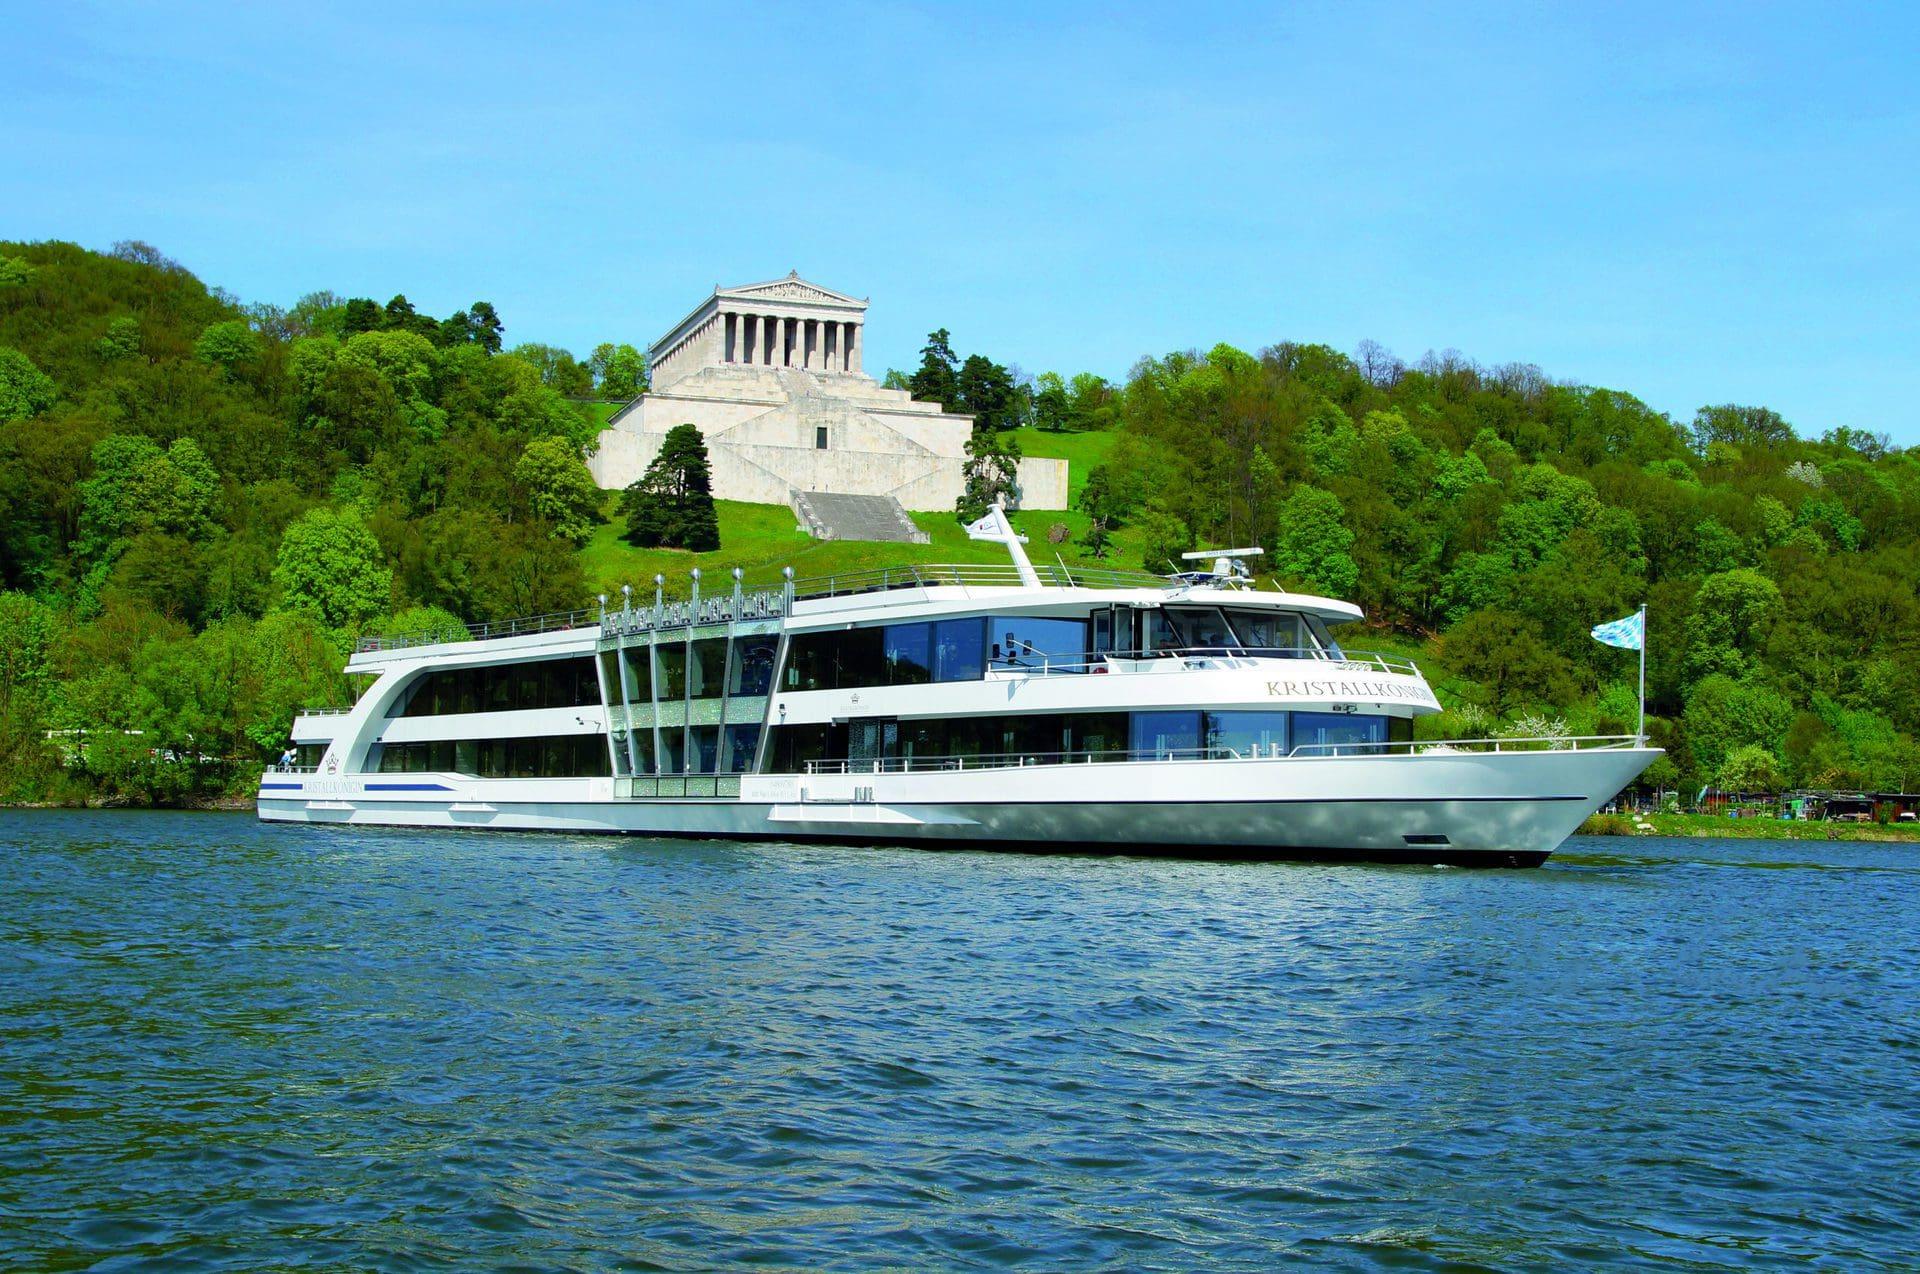 Schiff ahoi! Wir schicken Sie auf die Reise Donauschifffahrt Wurm & Noé und Blizz verlosen 10x2 Karten für Linienfahrten auf der Donau